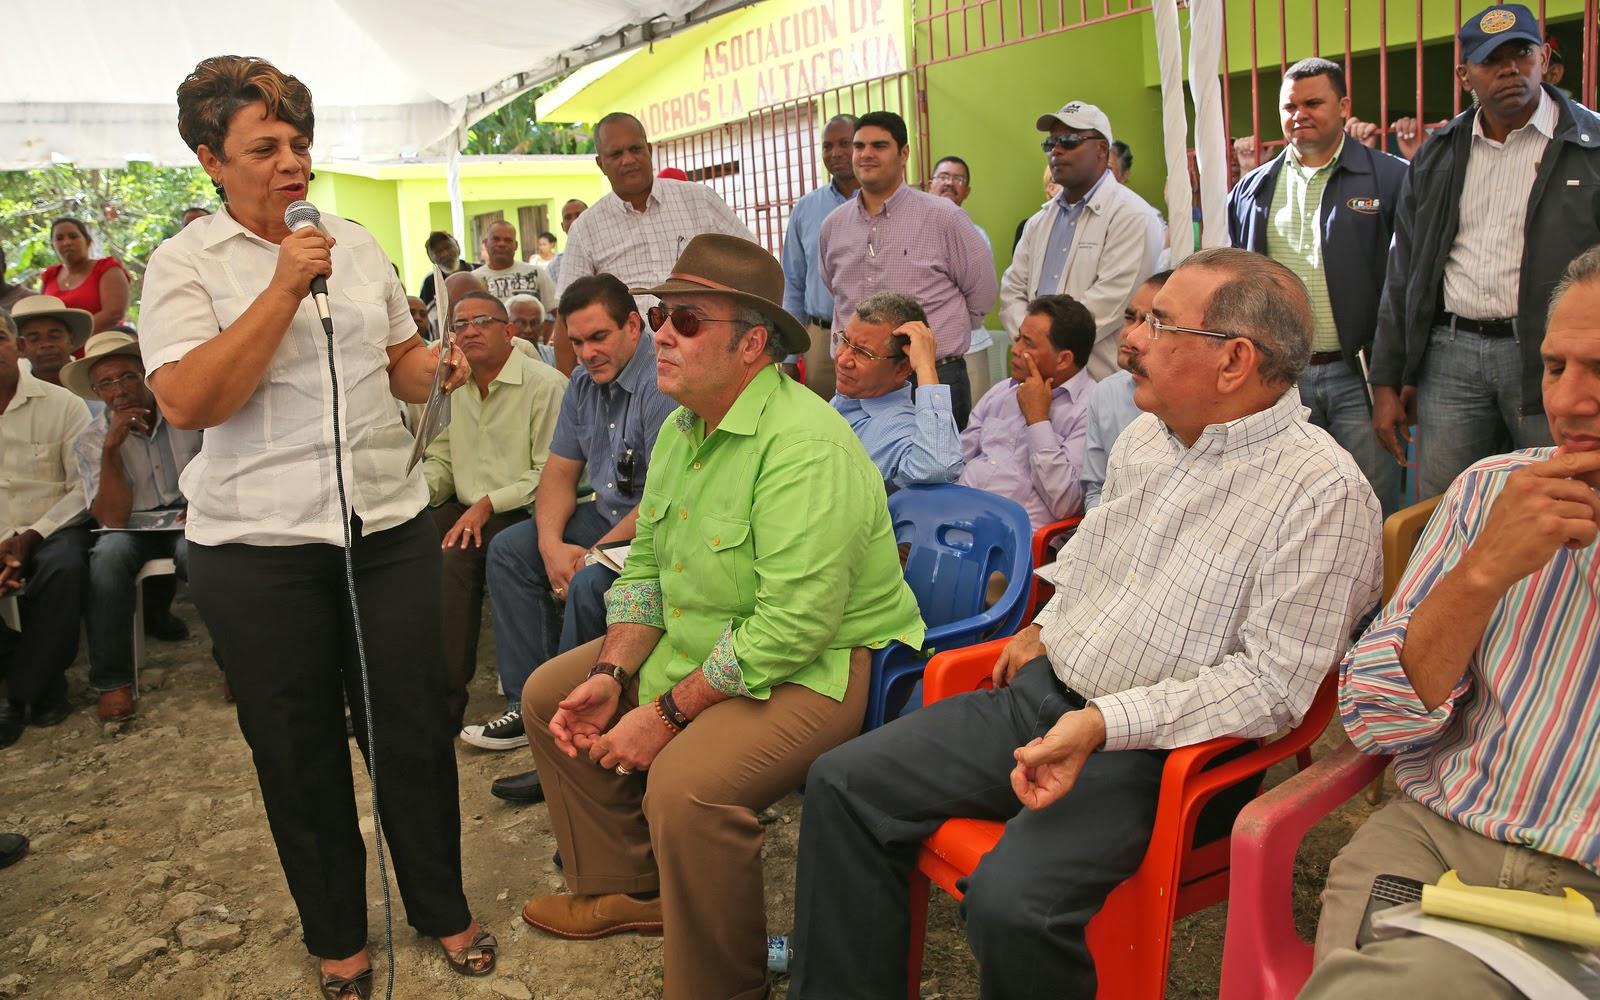 DANILO MEDINA CAMBIA EL ROTROS DE LA PRESIDENCIA EL ANTE Y DESPUES DA VOCHE POR SU NACION  A PRESID